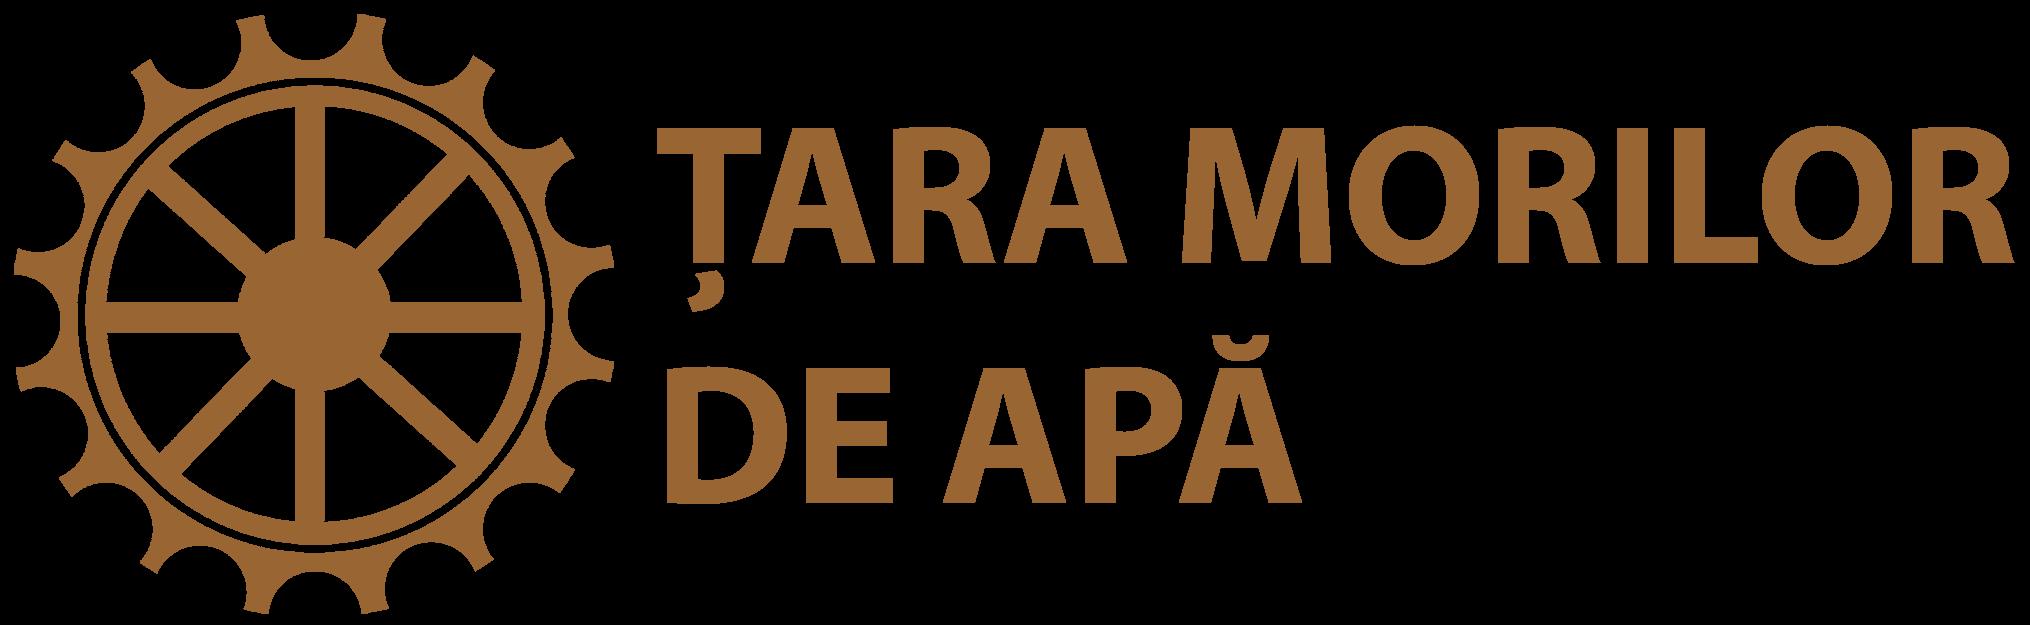 Logo for Țara Morilor de Apă